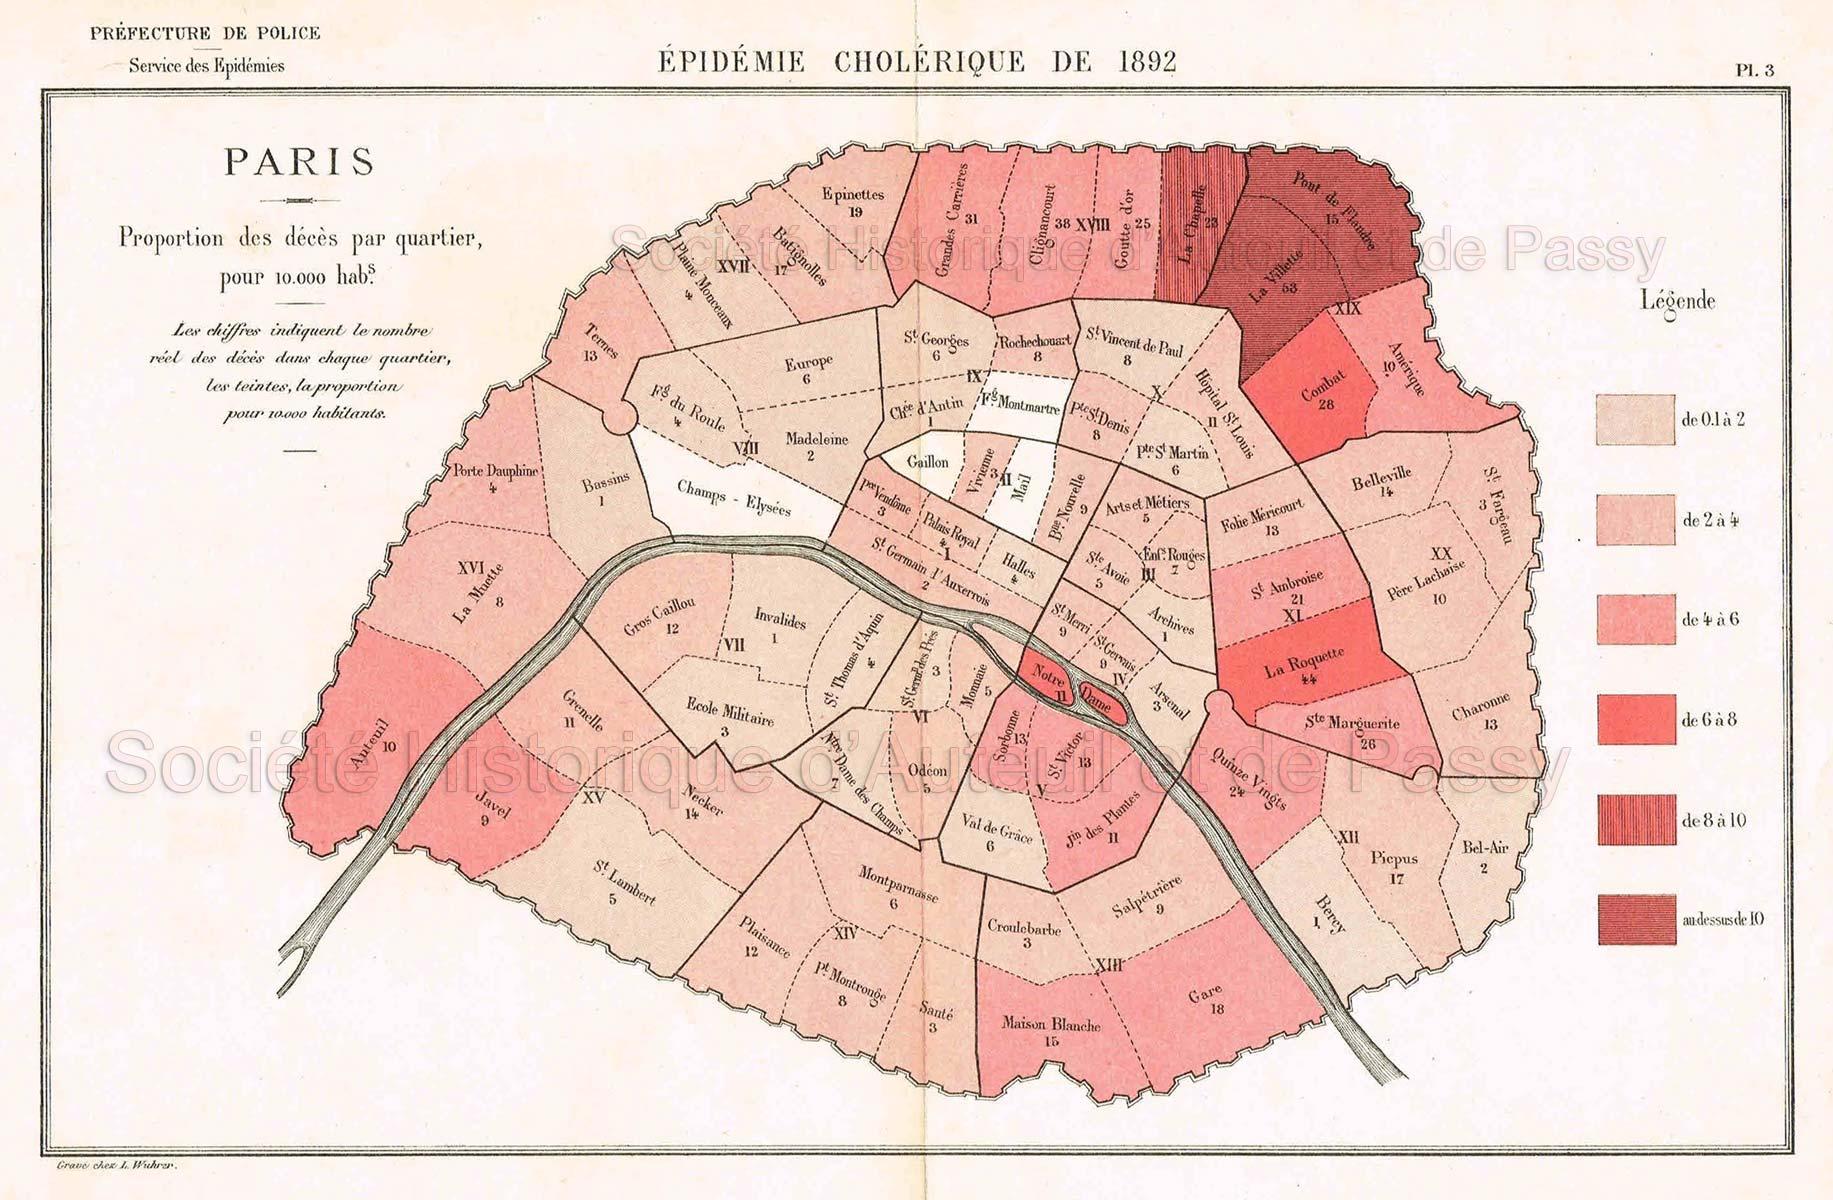 Paris. Proportion des décès par quartier, pour 10.000 habitants.